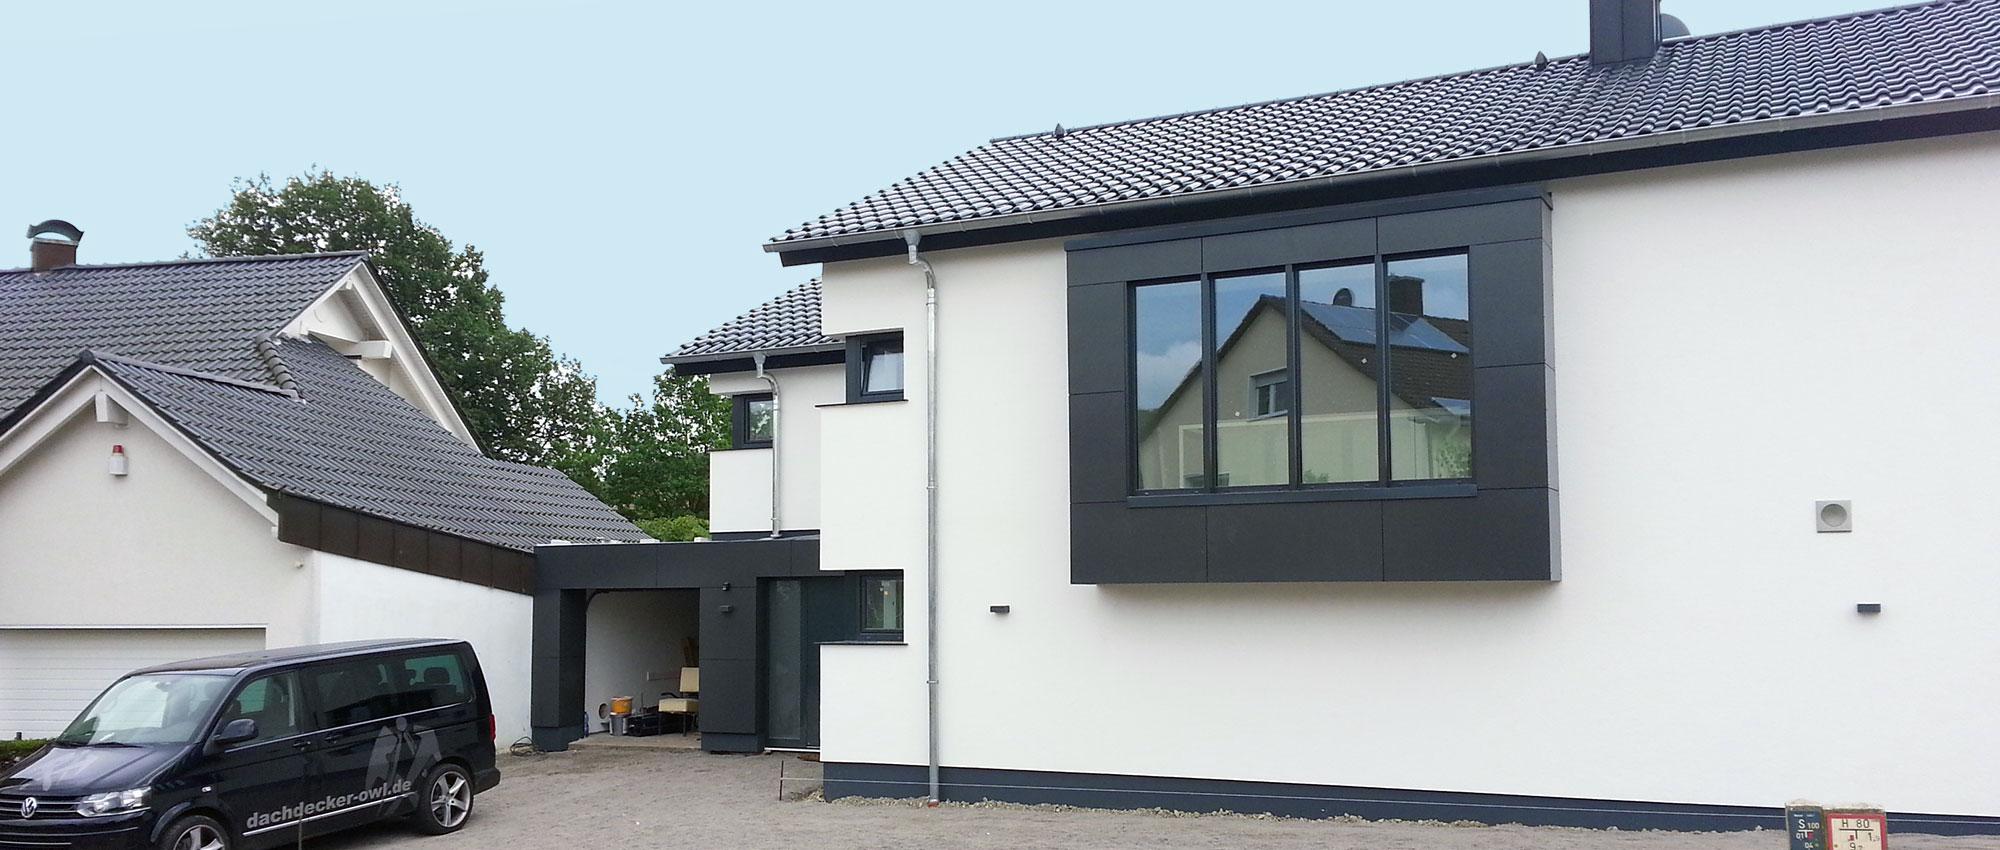 Fassadenverkleidung Dachdecker Owl Dachdeckermeister Jakob Petker